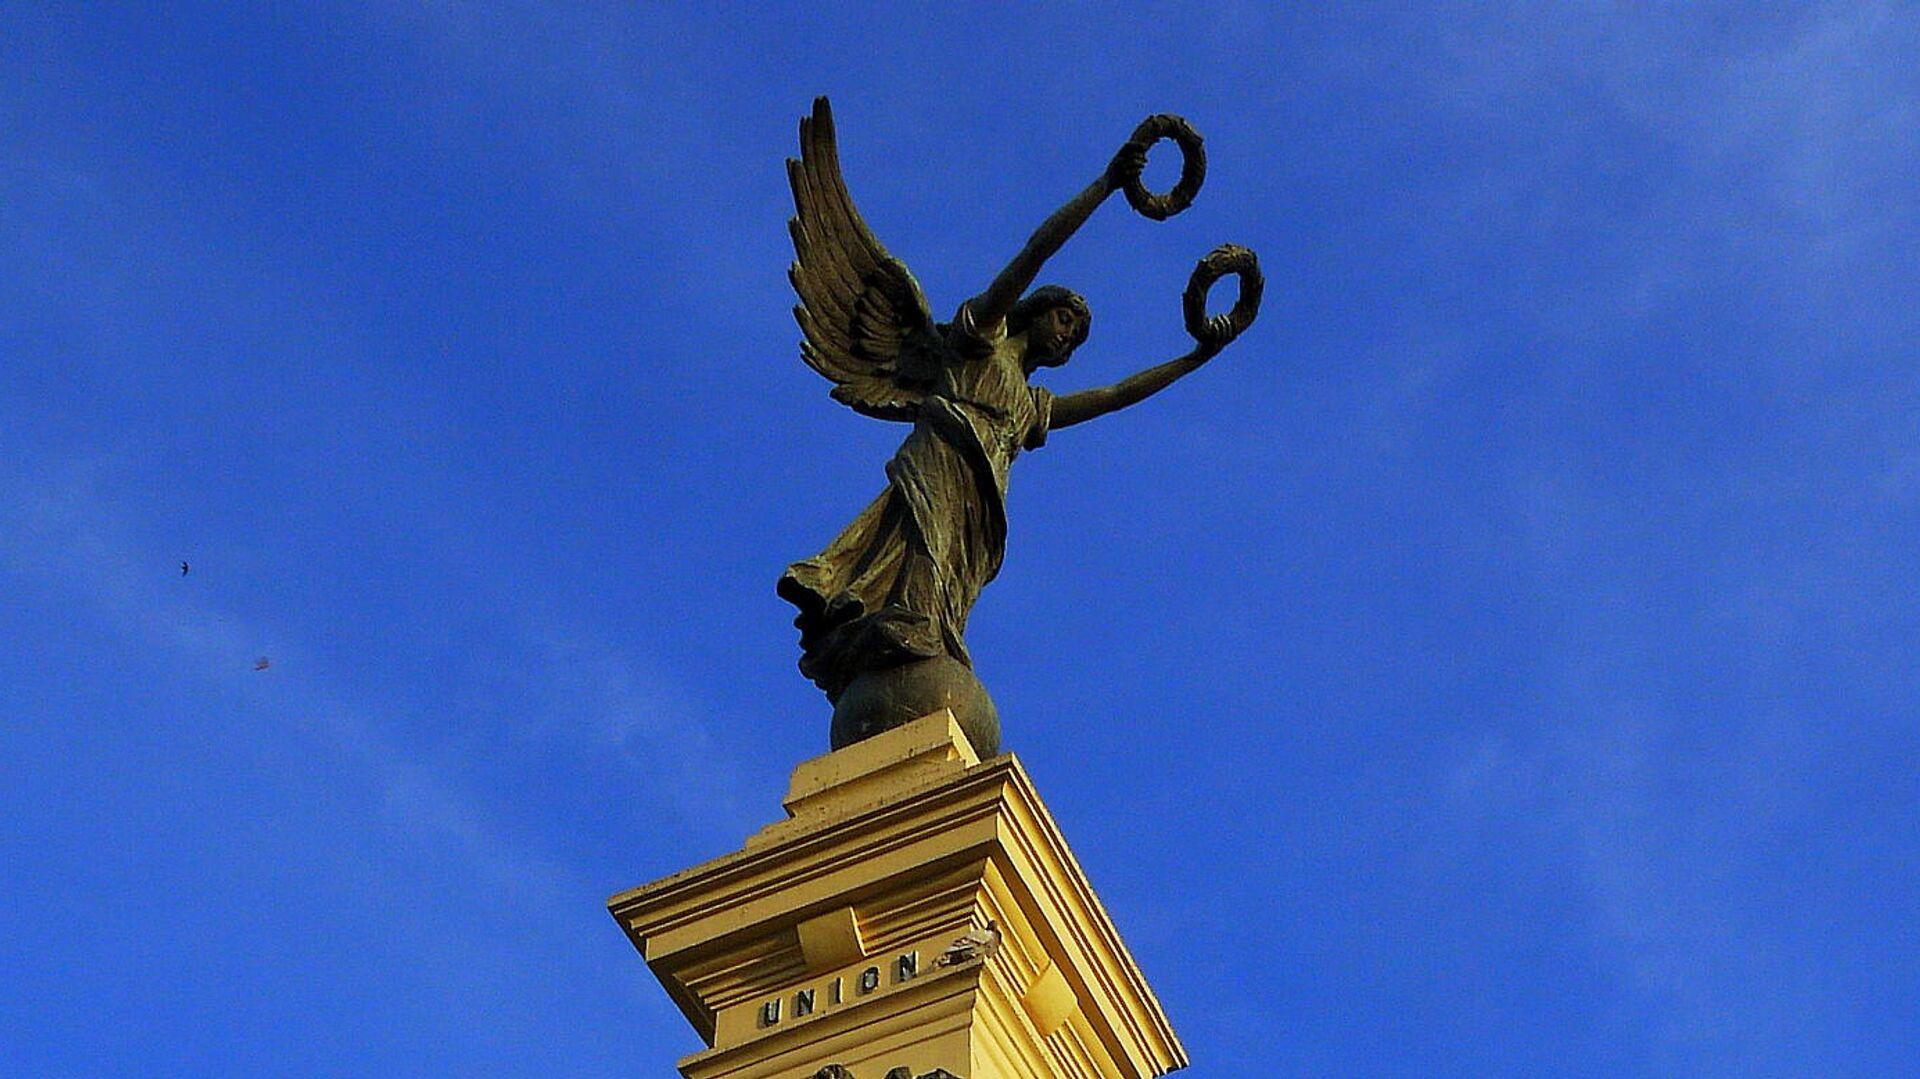 Monumento a los Próceres en plaza La Libertad, El Salvador - Sputnik Mundo, 1920, 02.09.2021